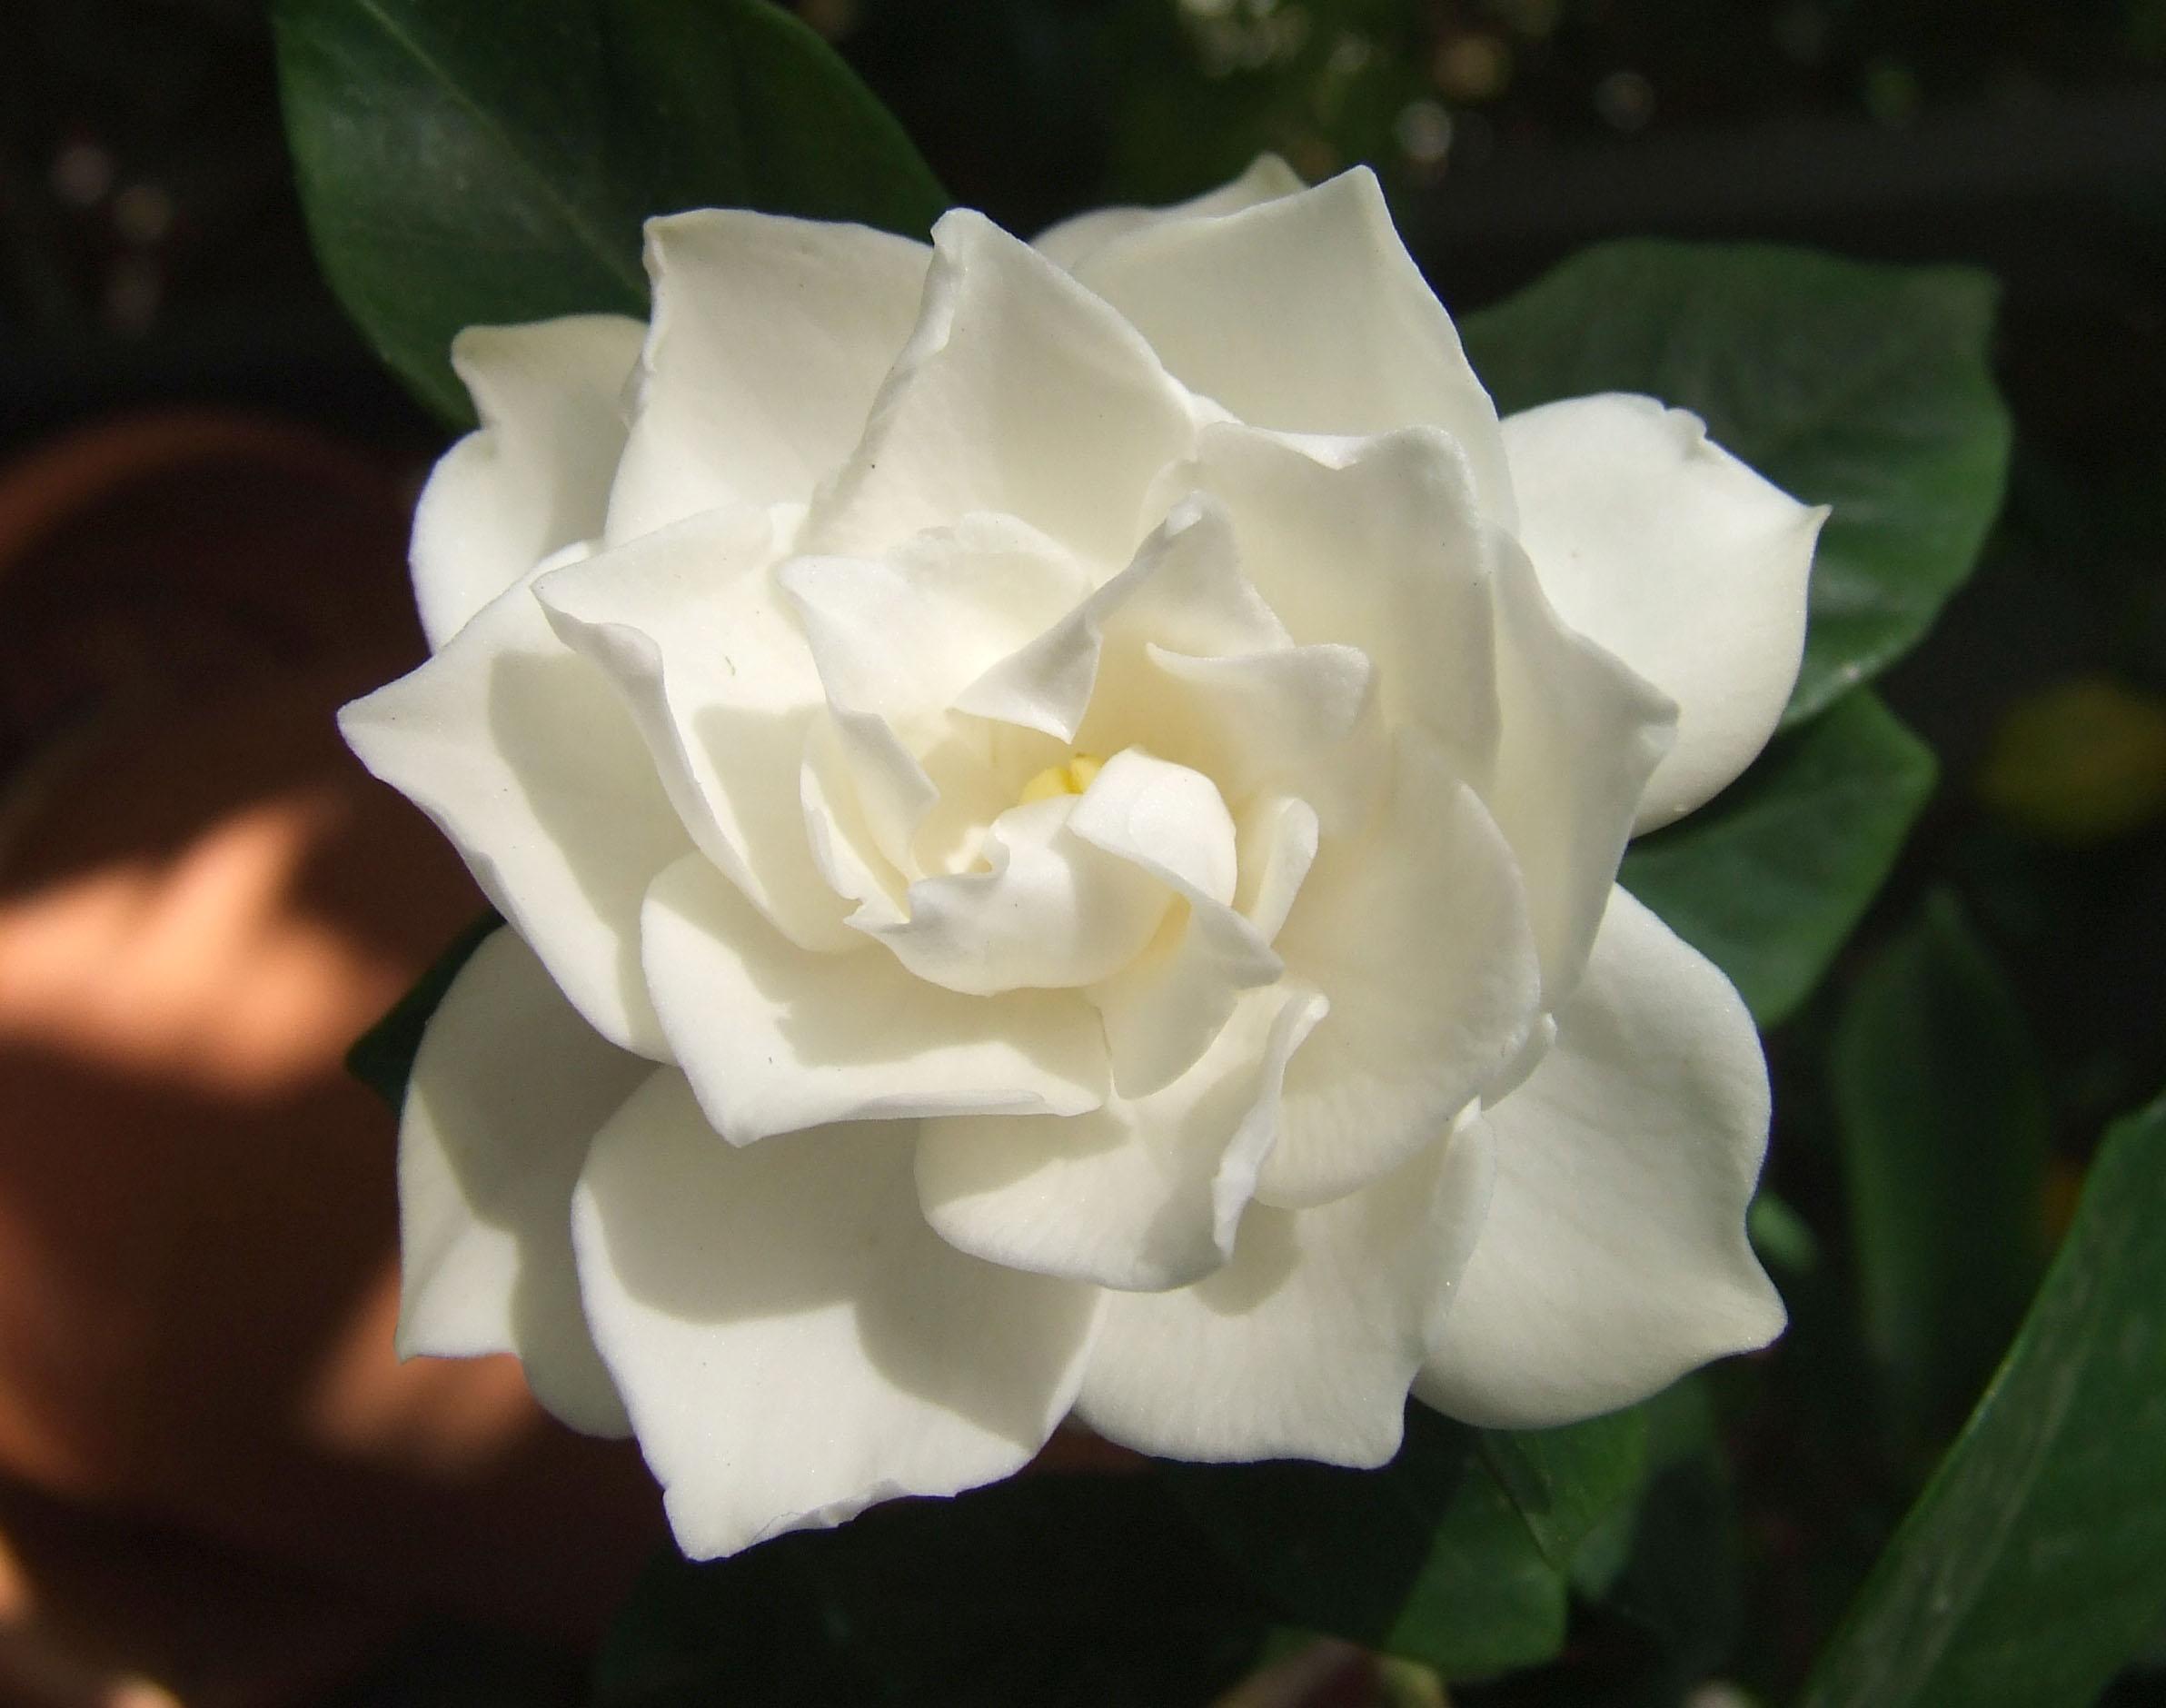 White flowers meaning 24 desktop wallpaper hdflowerwallpaper white flowers meaning free wallpaper mightylinksfo